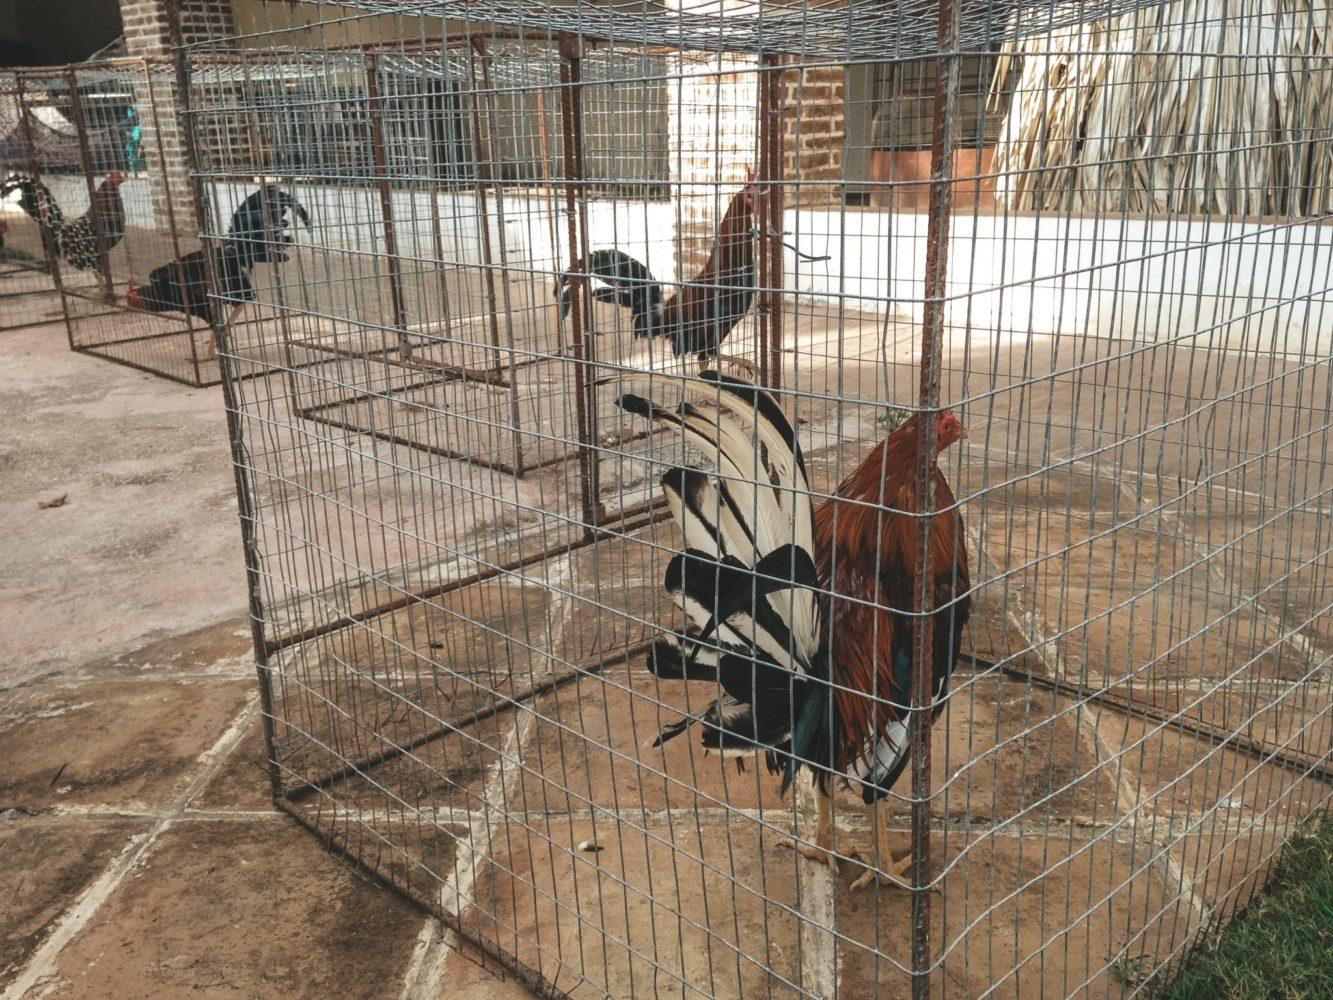 Les coqs tenus en cage avant d'entrer dans l'arène de combat